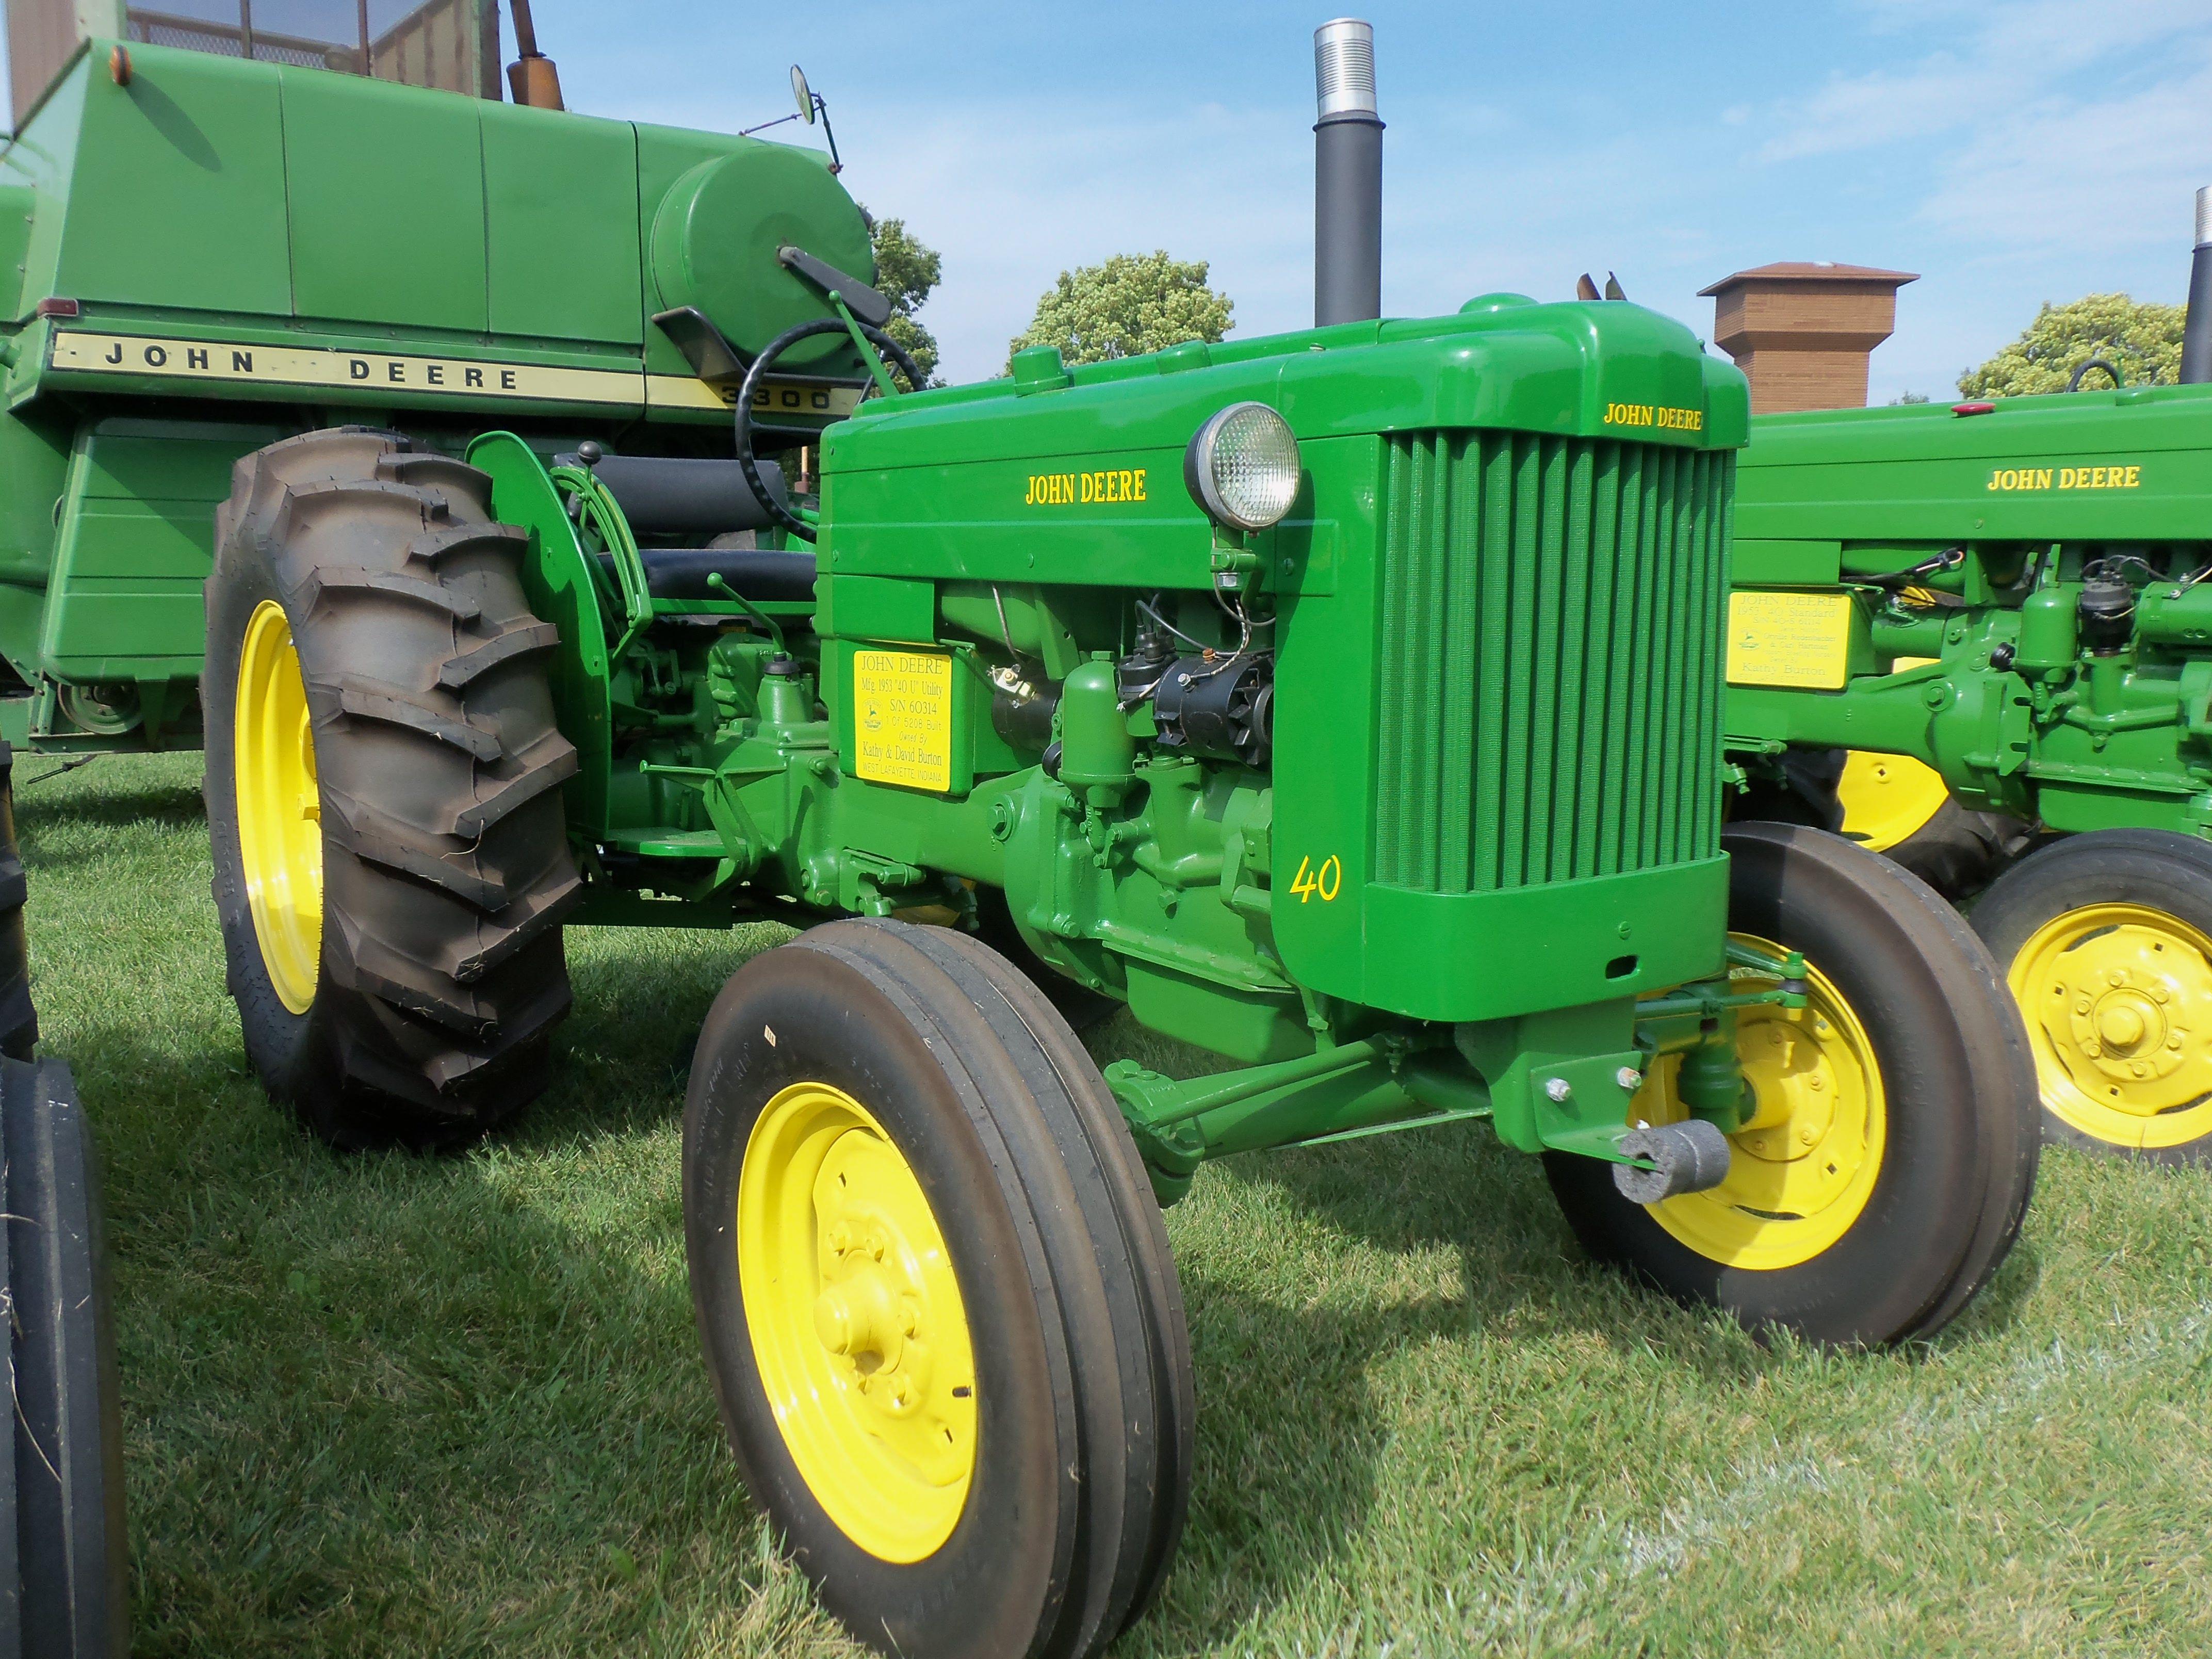 1953 John Deere 40U | John Deere equipment | Classic tractor